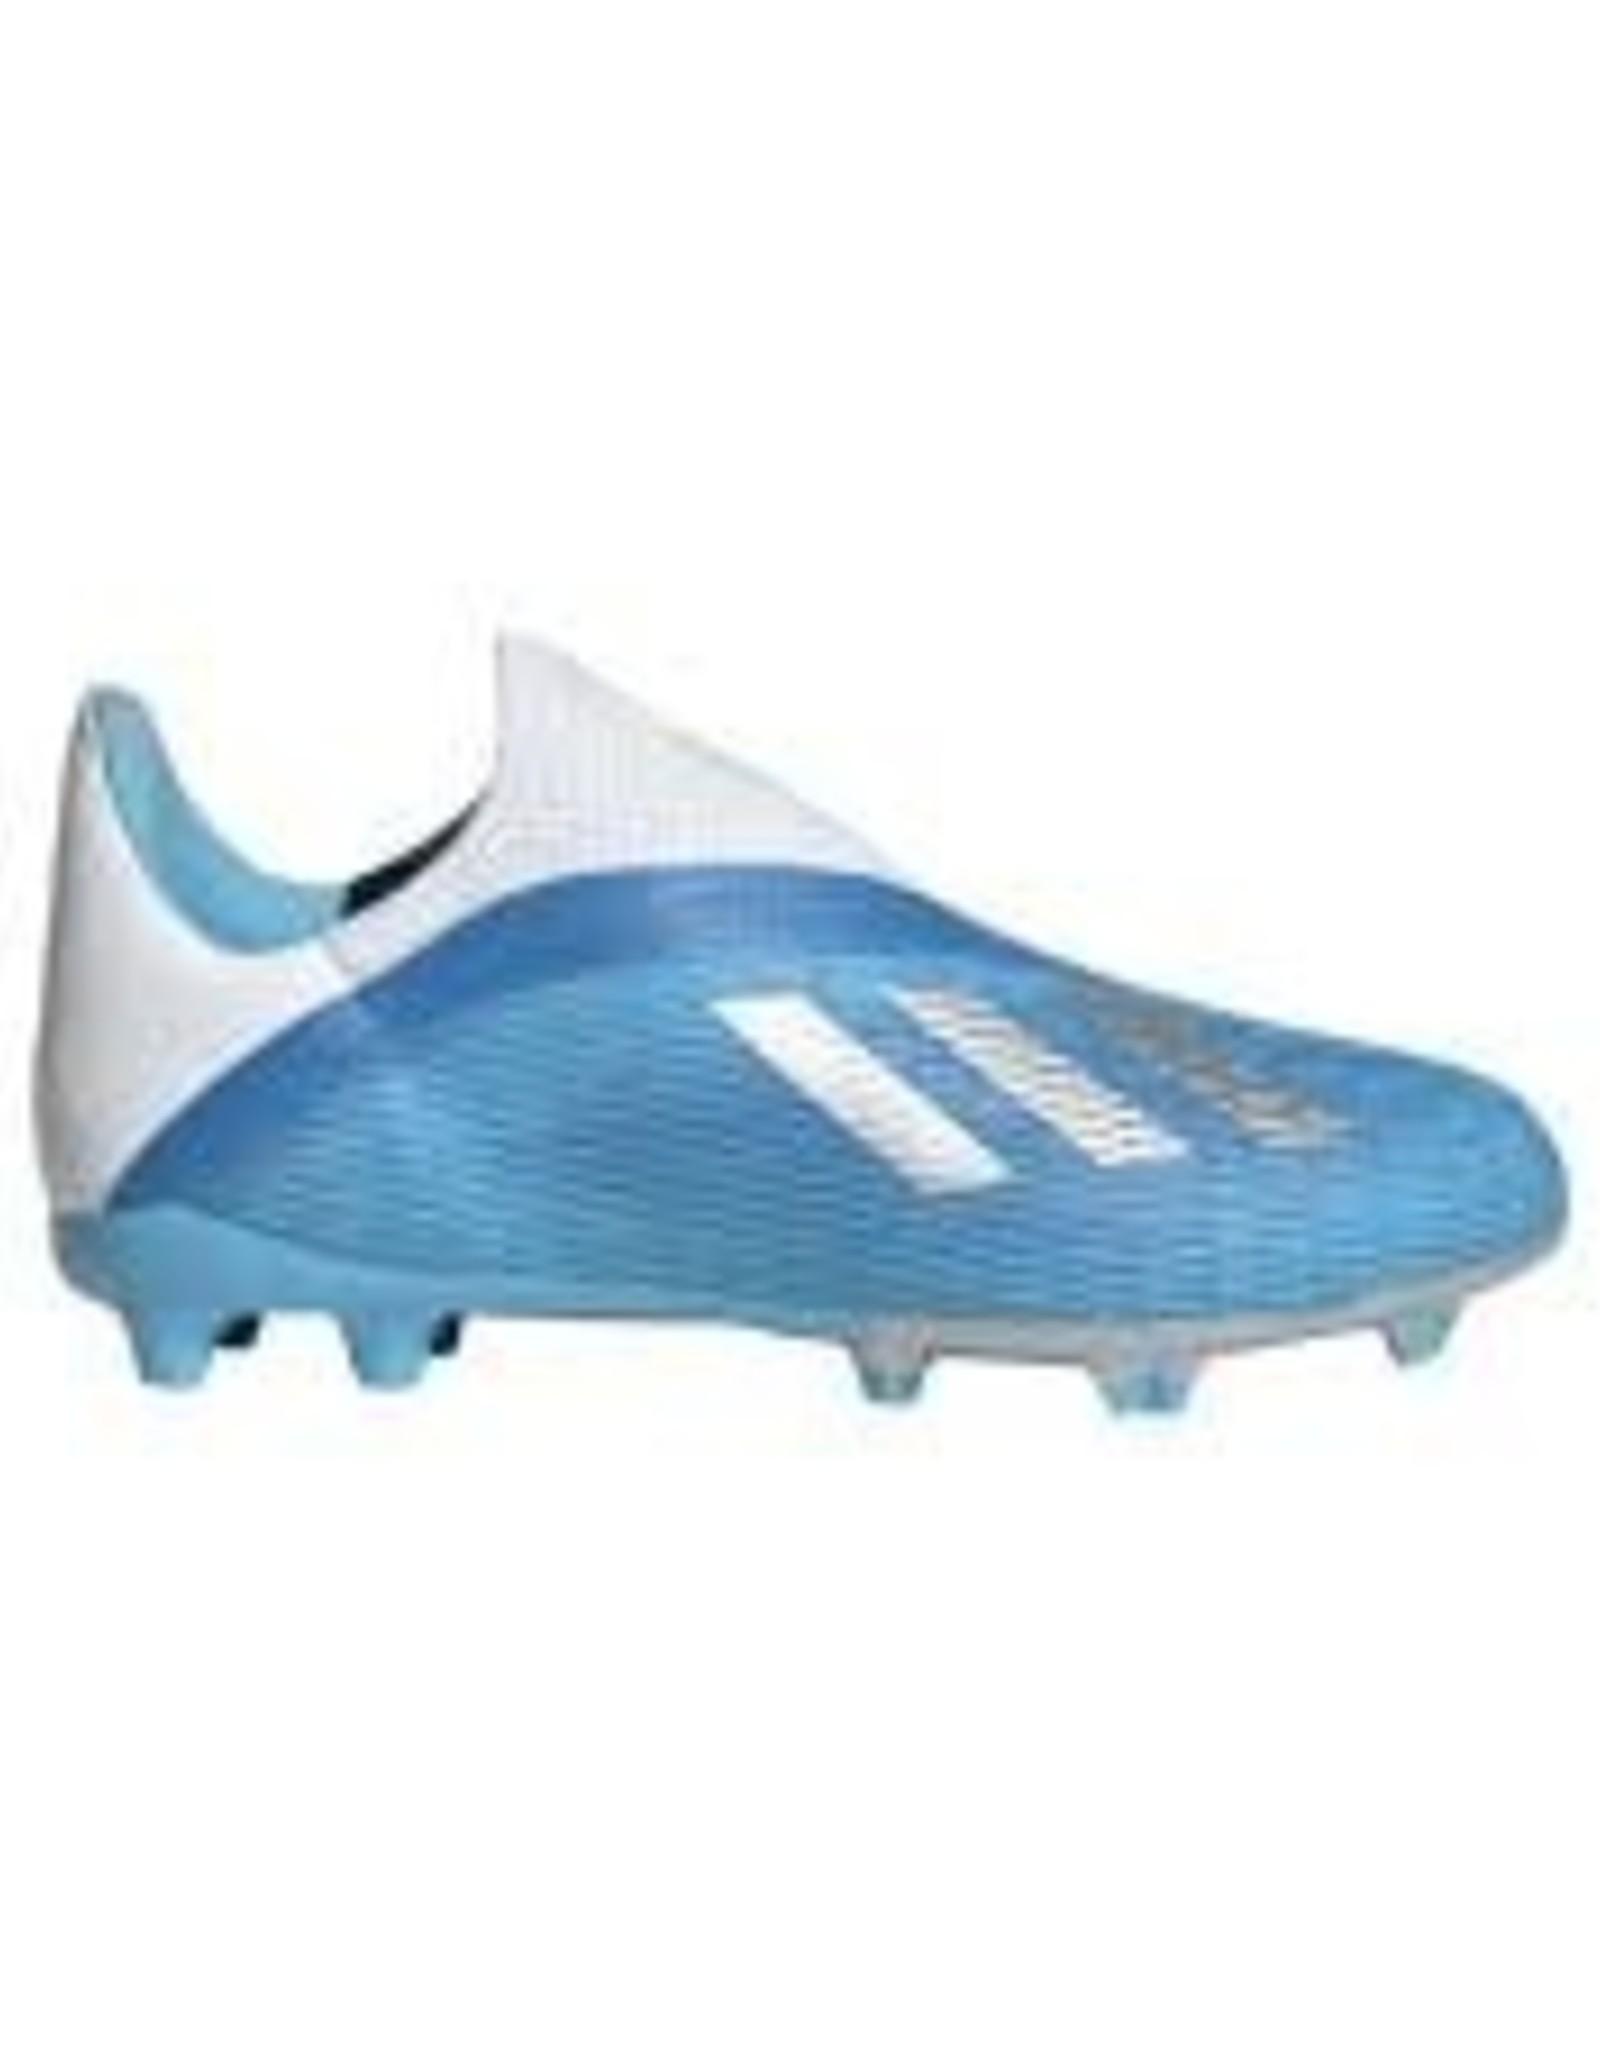 Adidas FG X 19.3 LL Jr